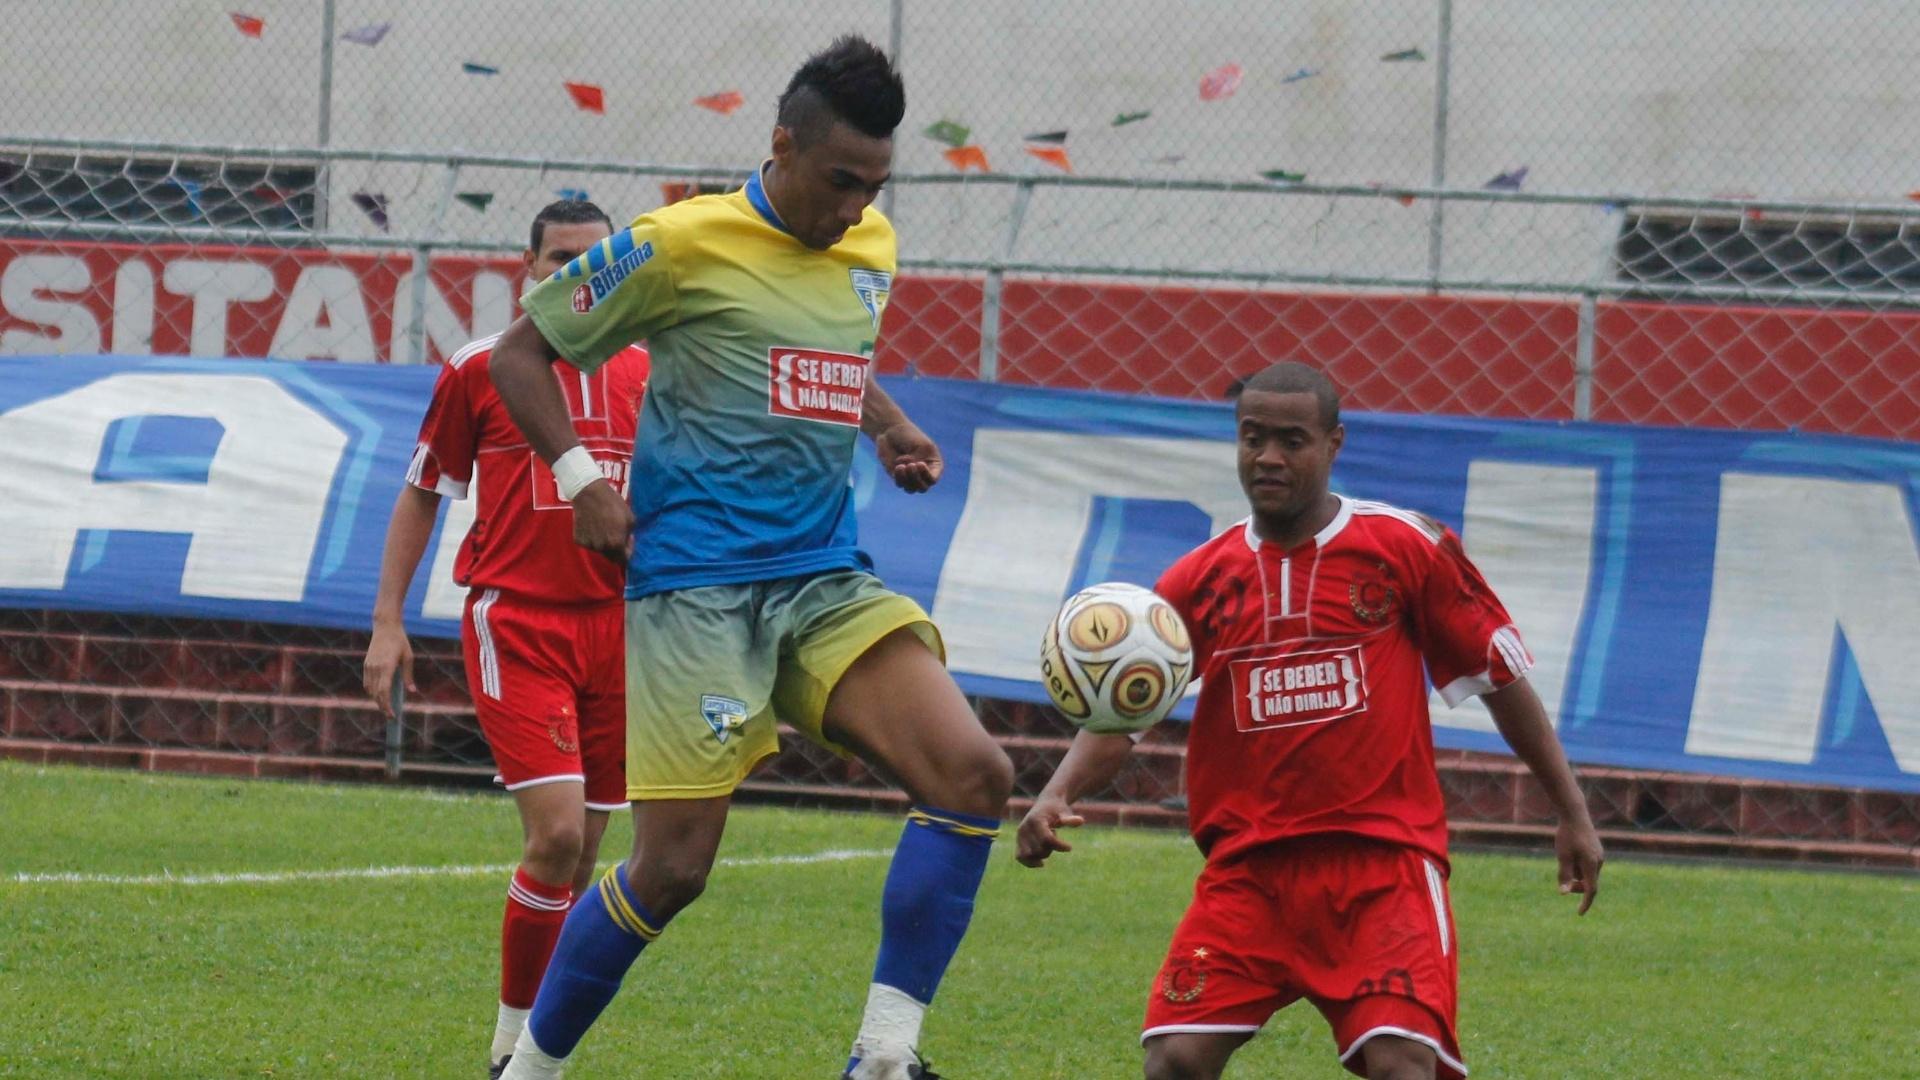 O Jardim Regina EC (amarelo) venceu o atual campeão Classe A (vermelho) por 2 a 1